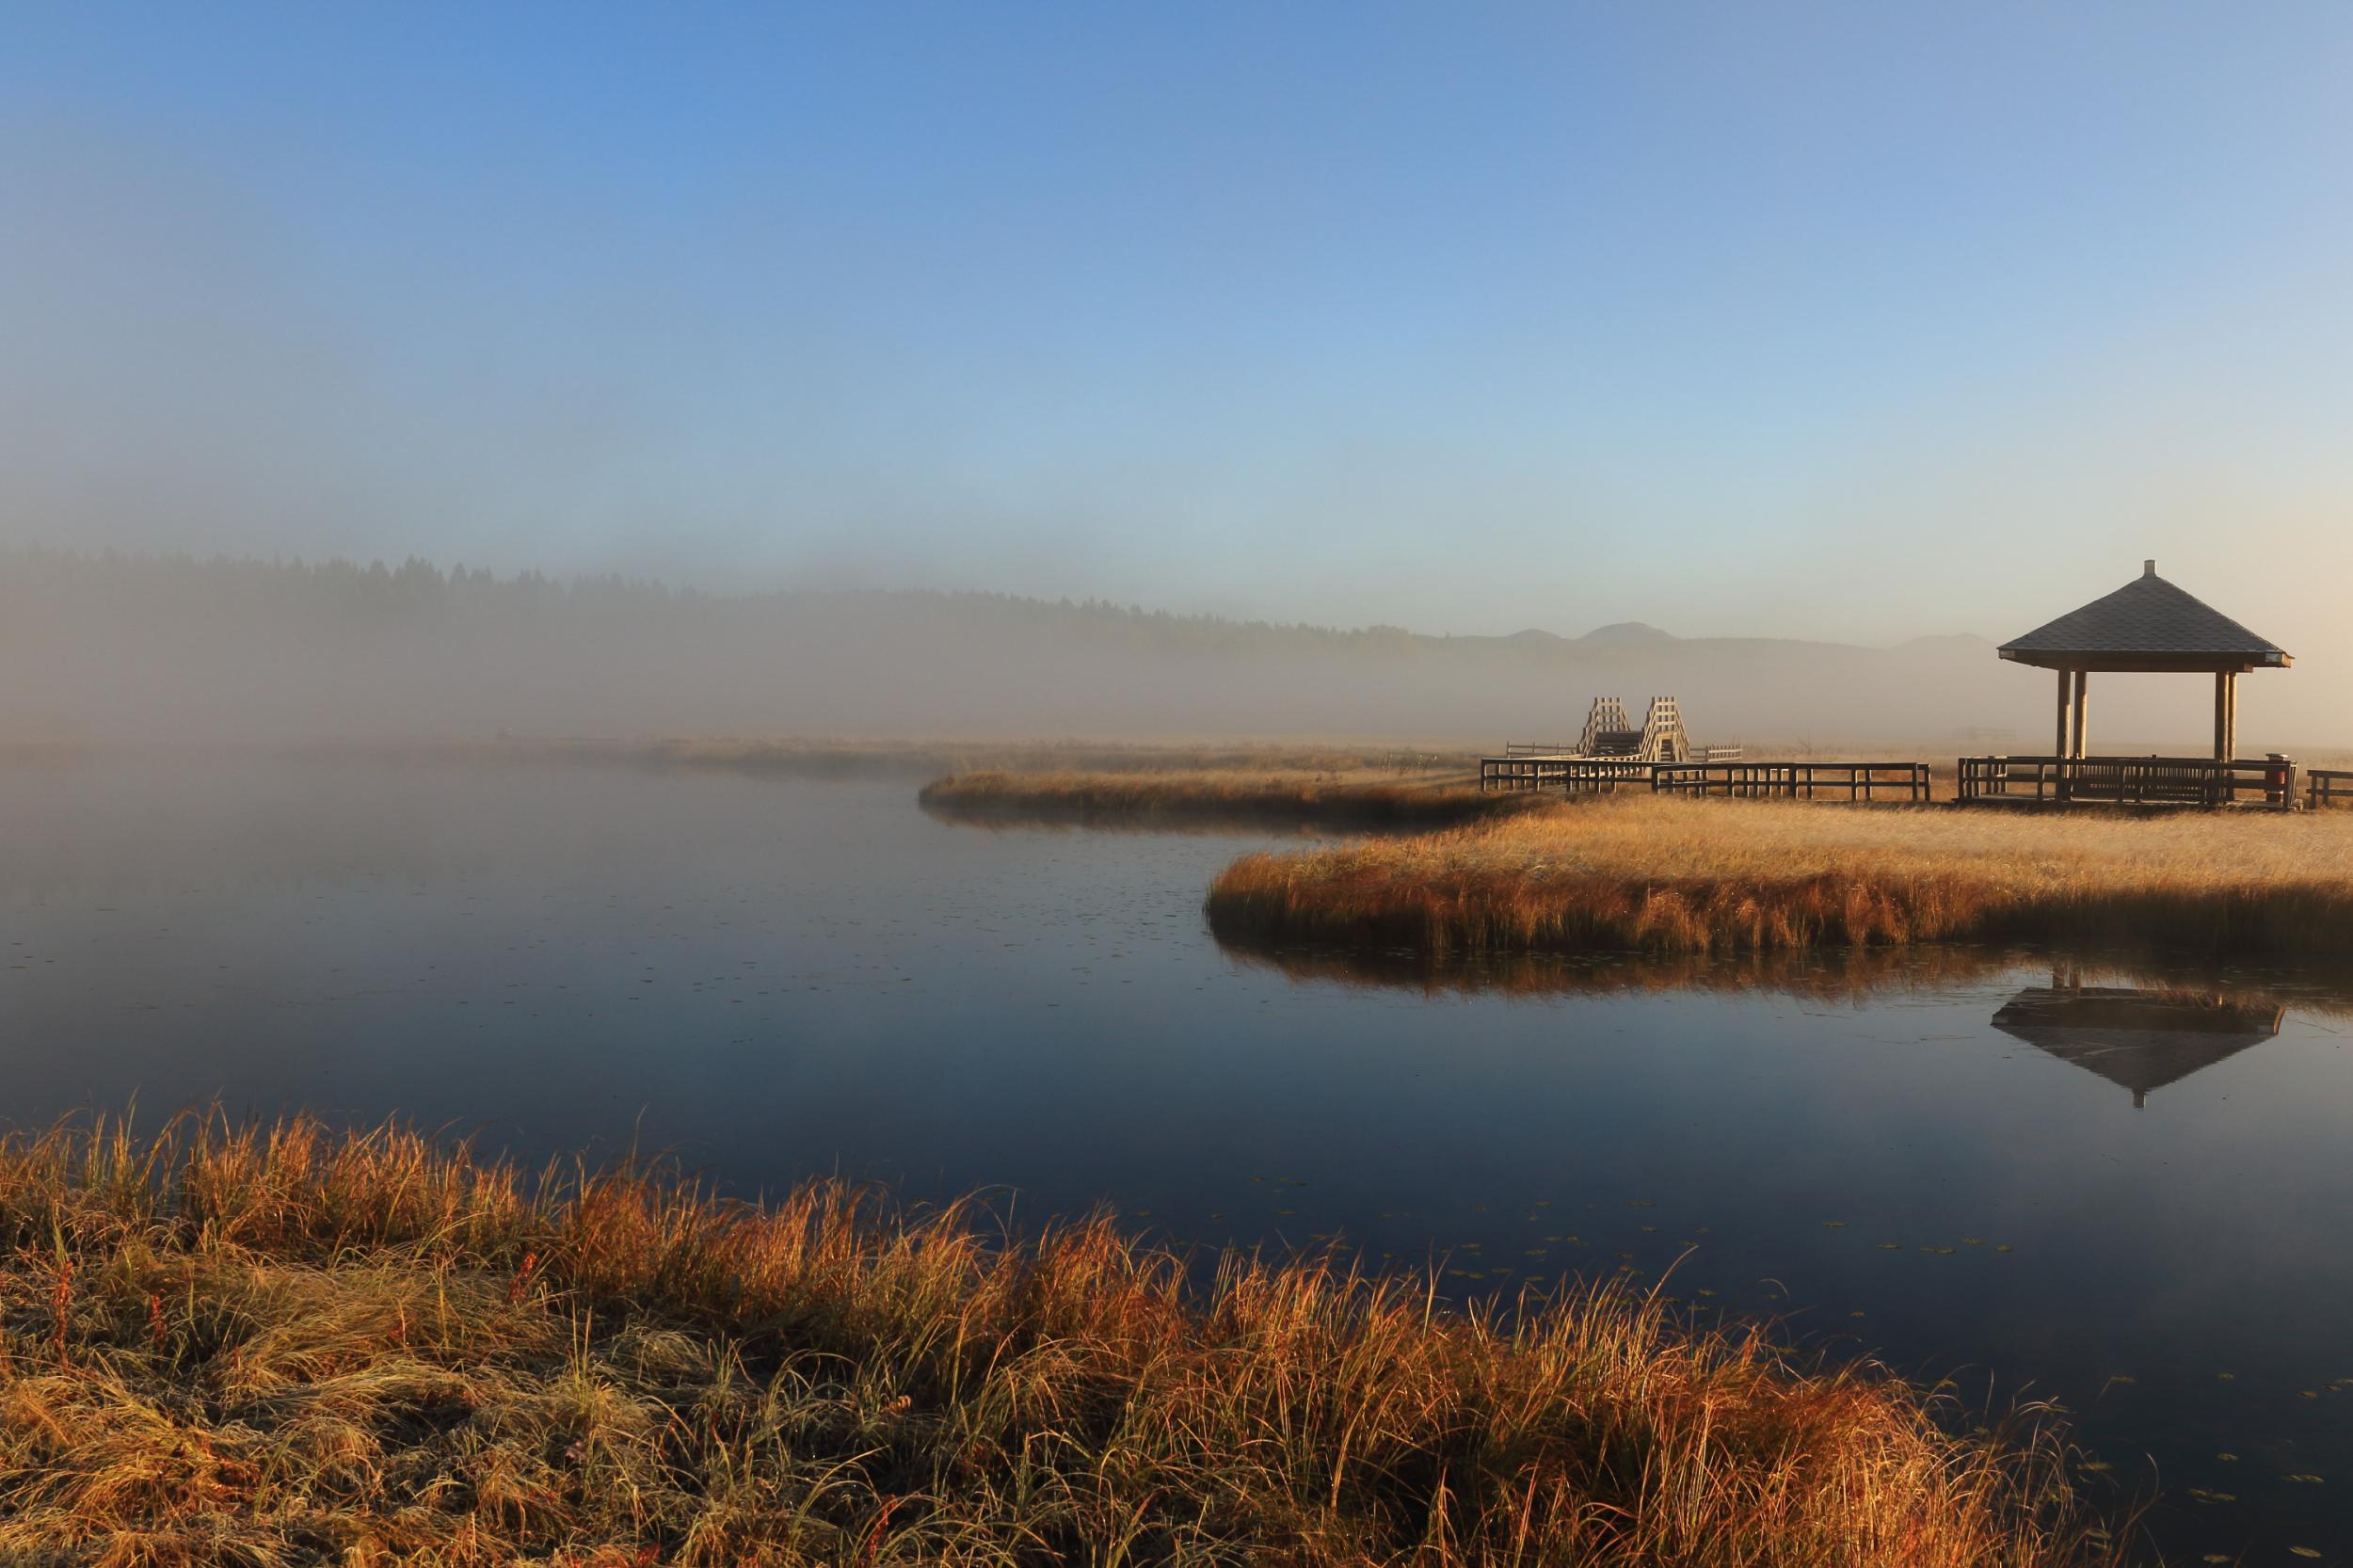 塞罕坝国家森林公园七星湖